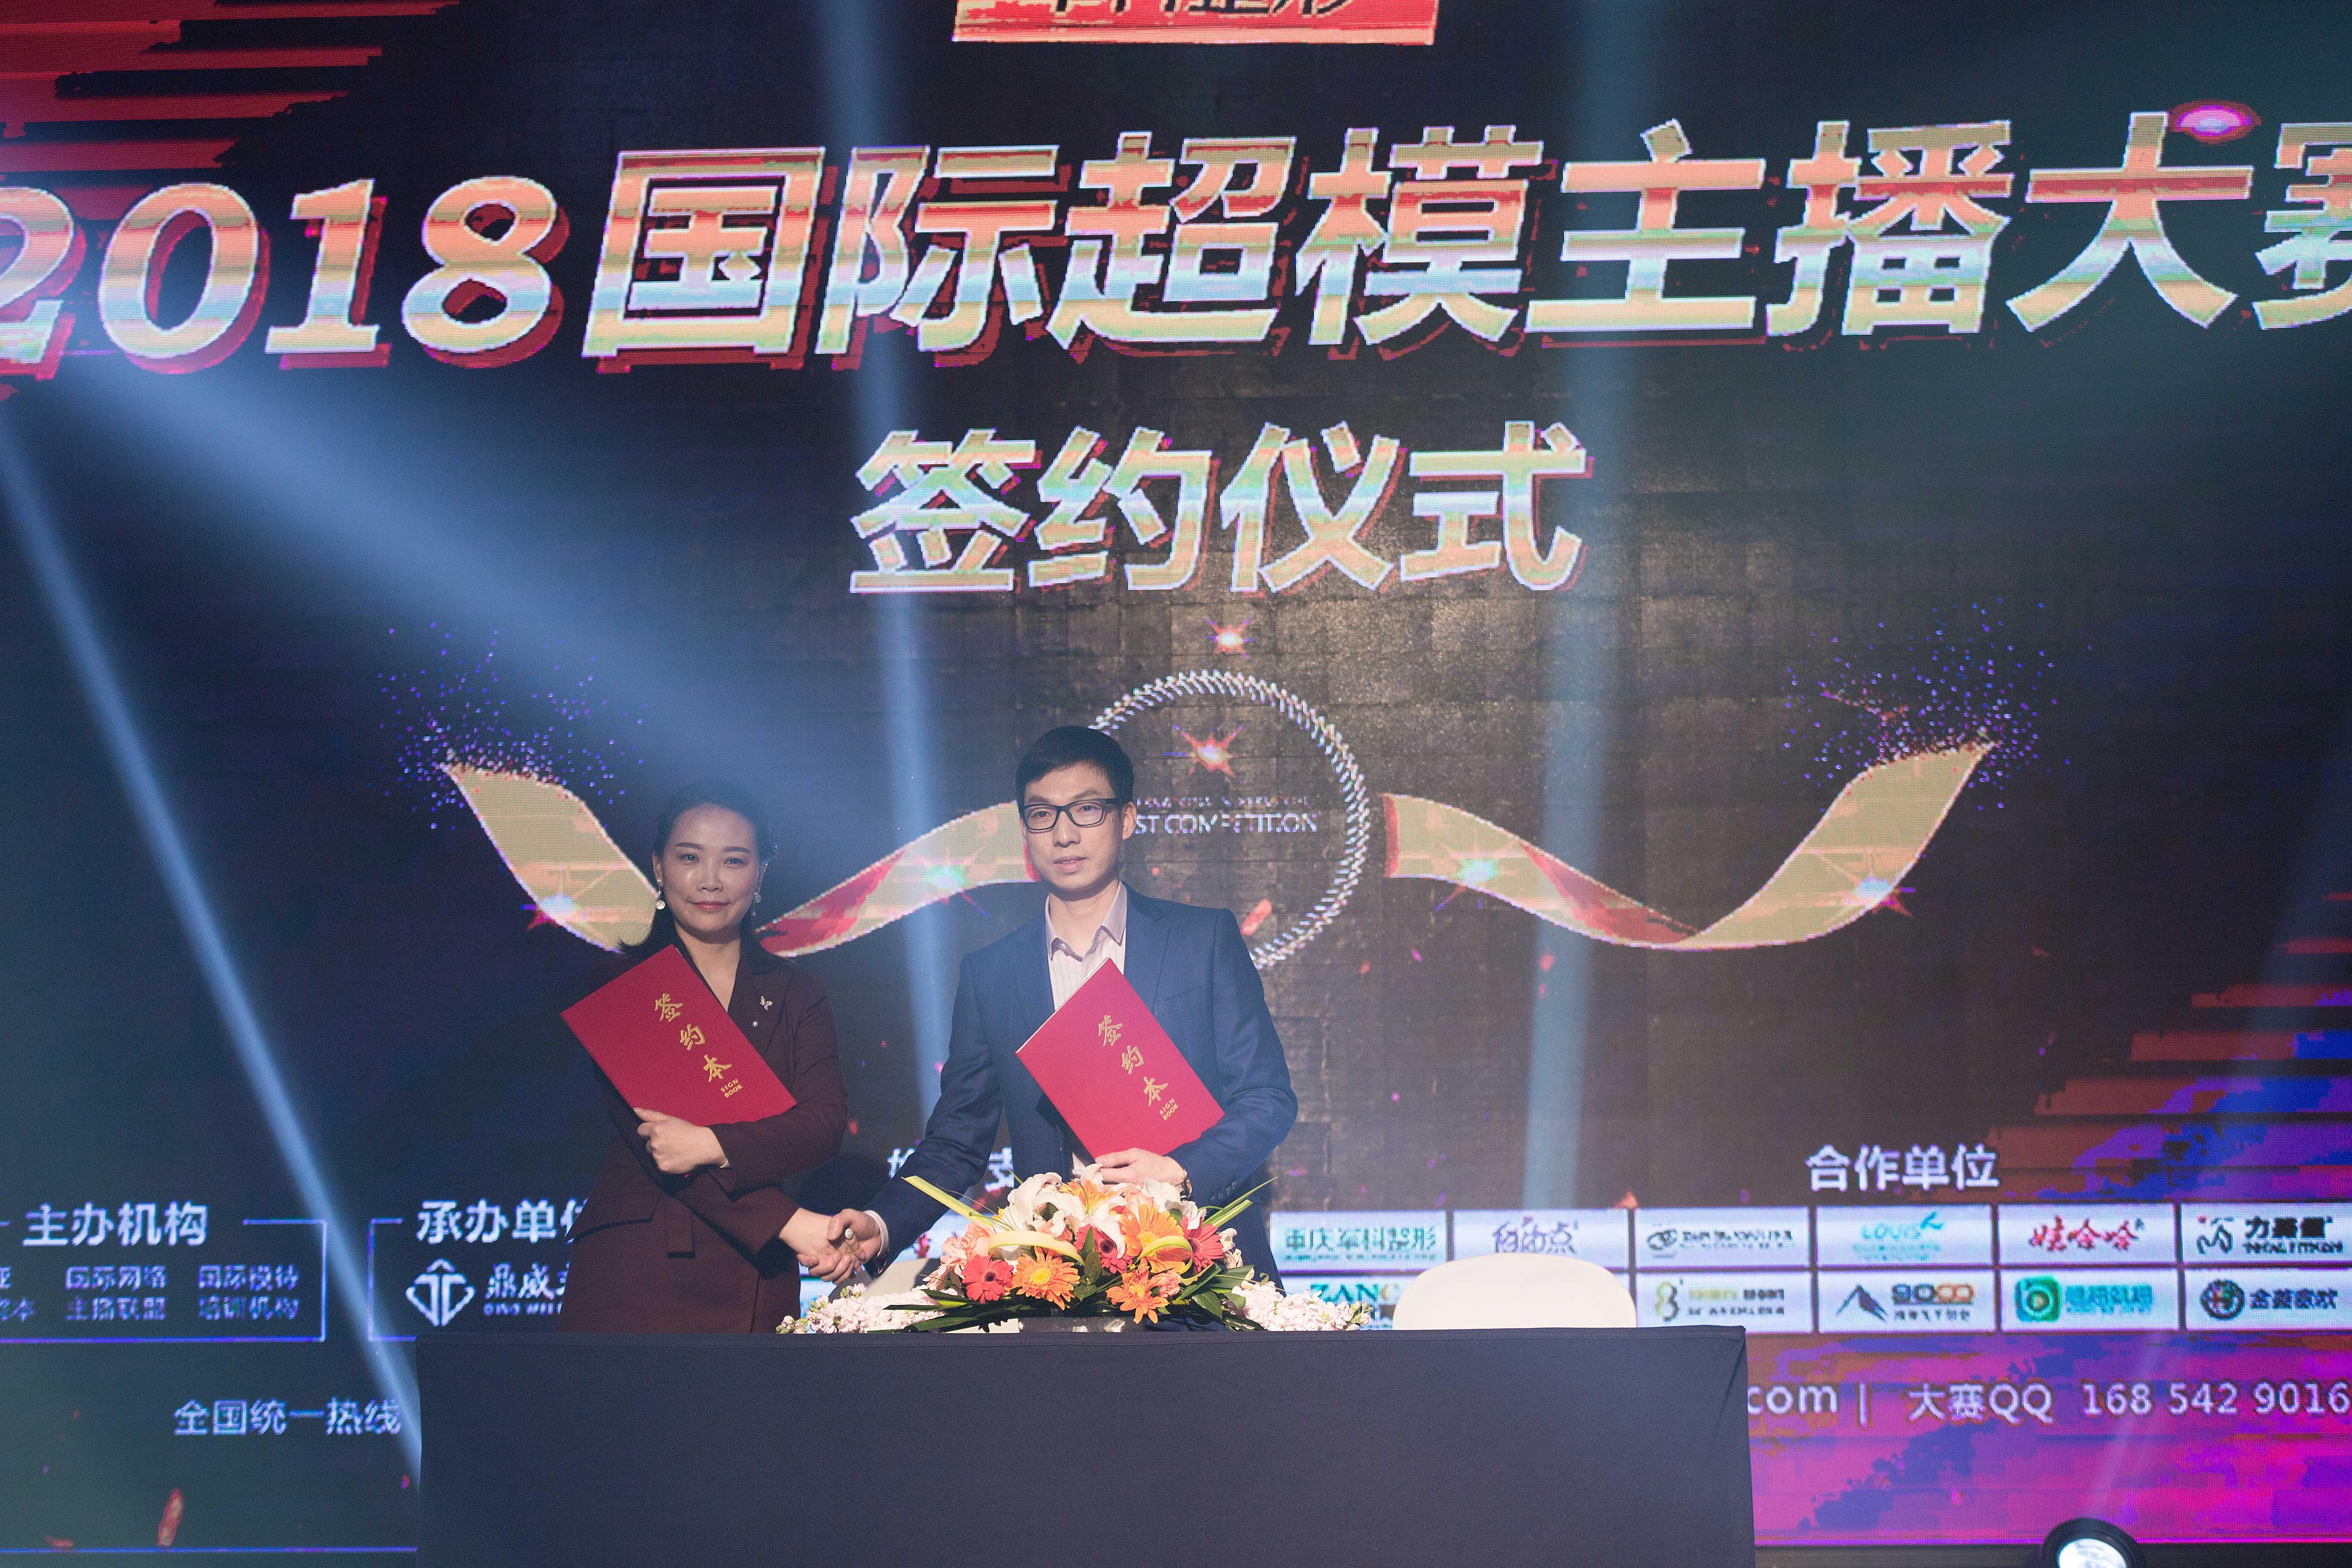 国际超模主播大赛和重庆赛区总冠名商签约